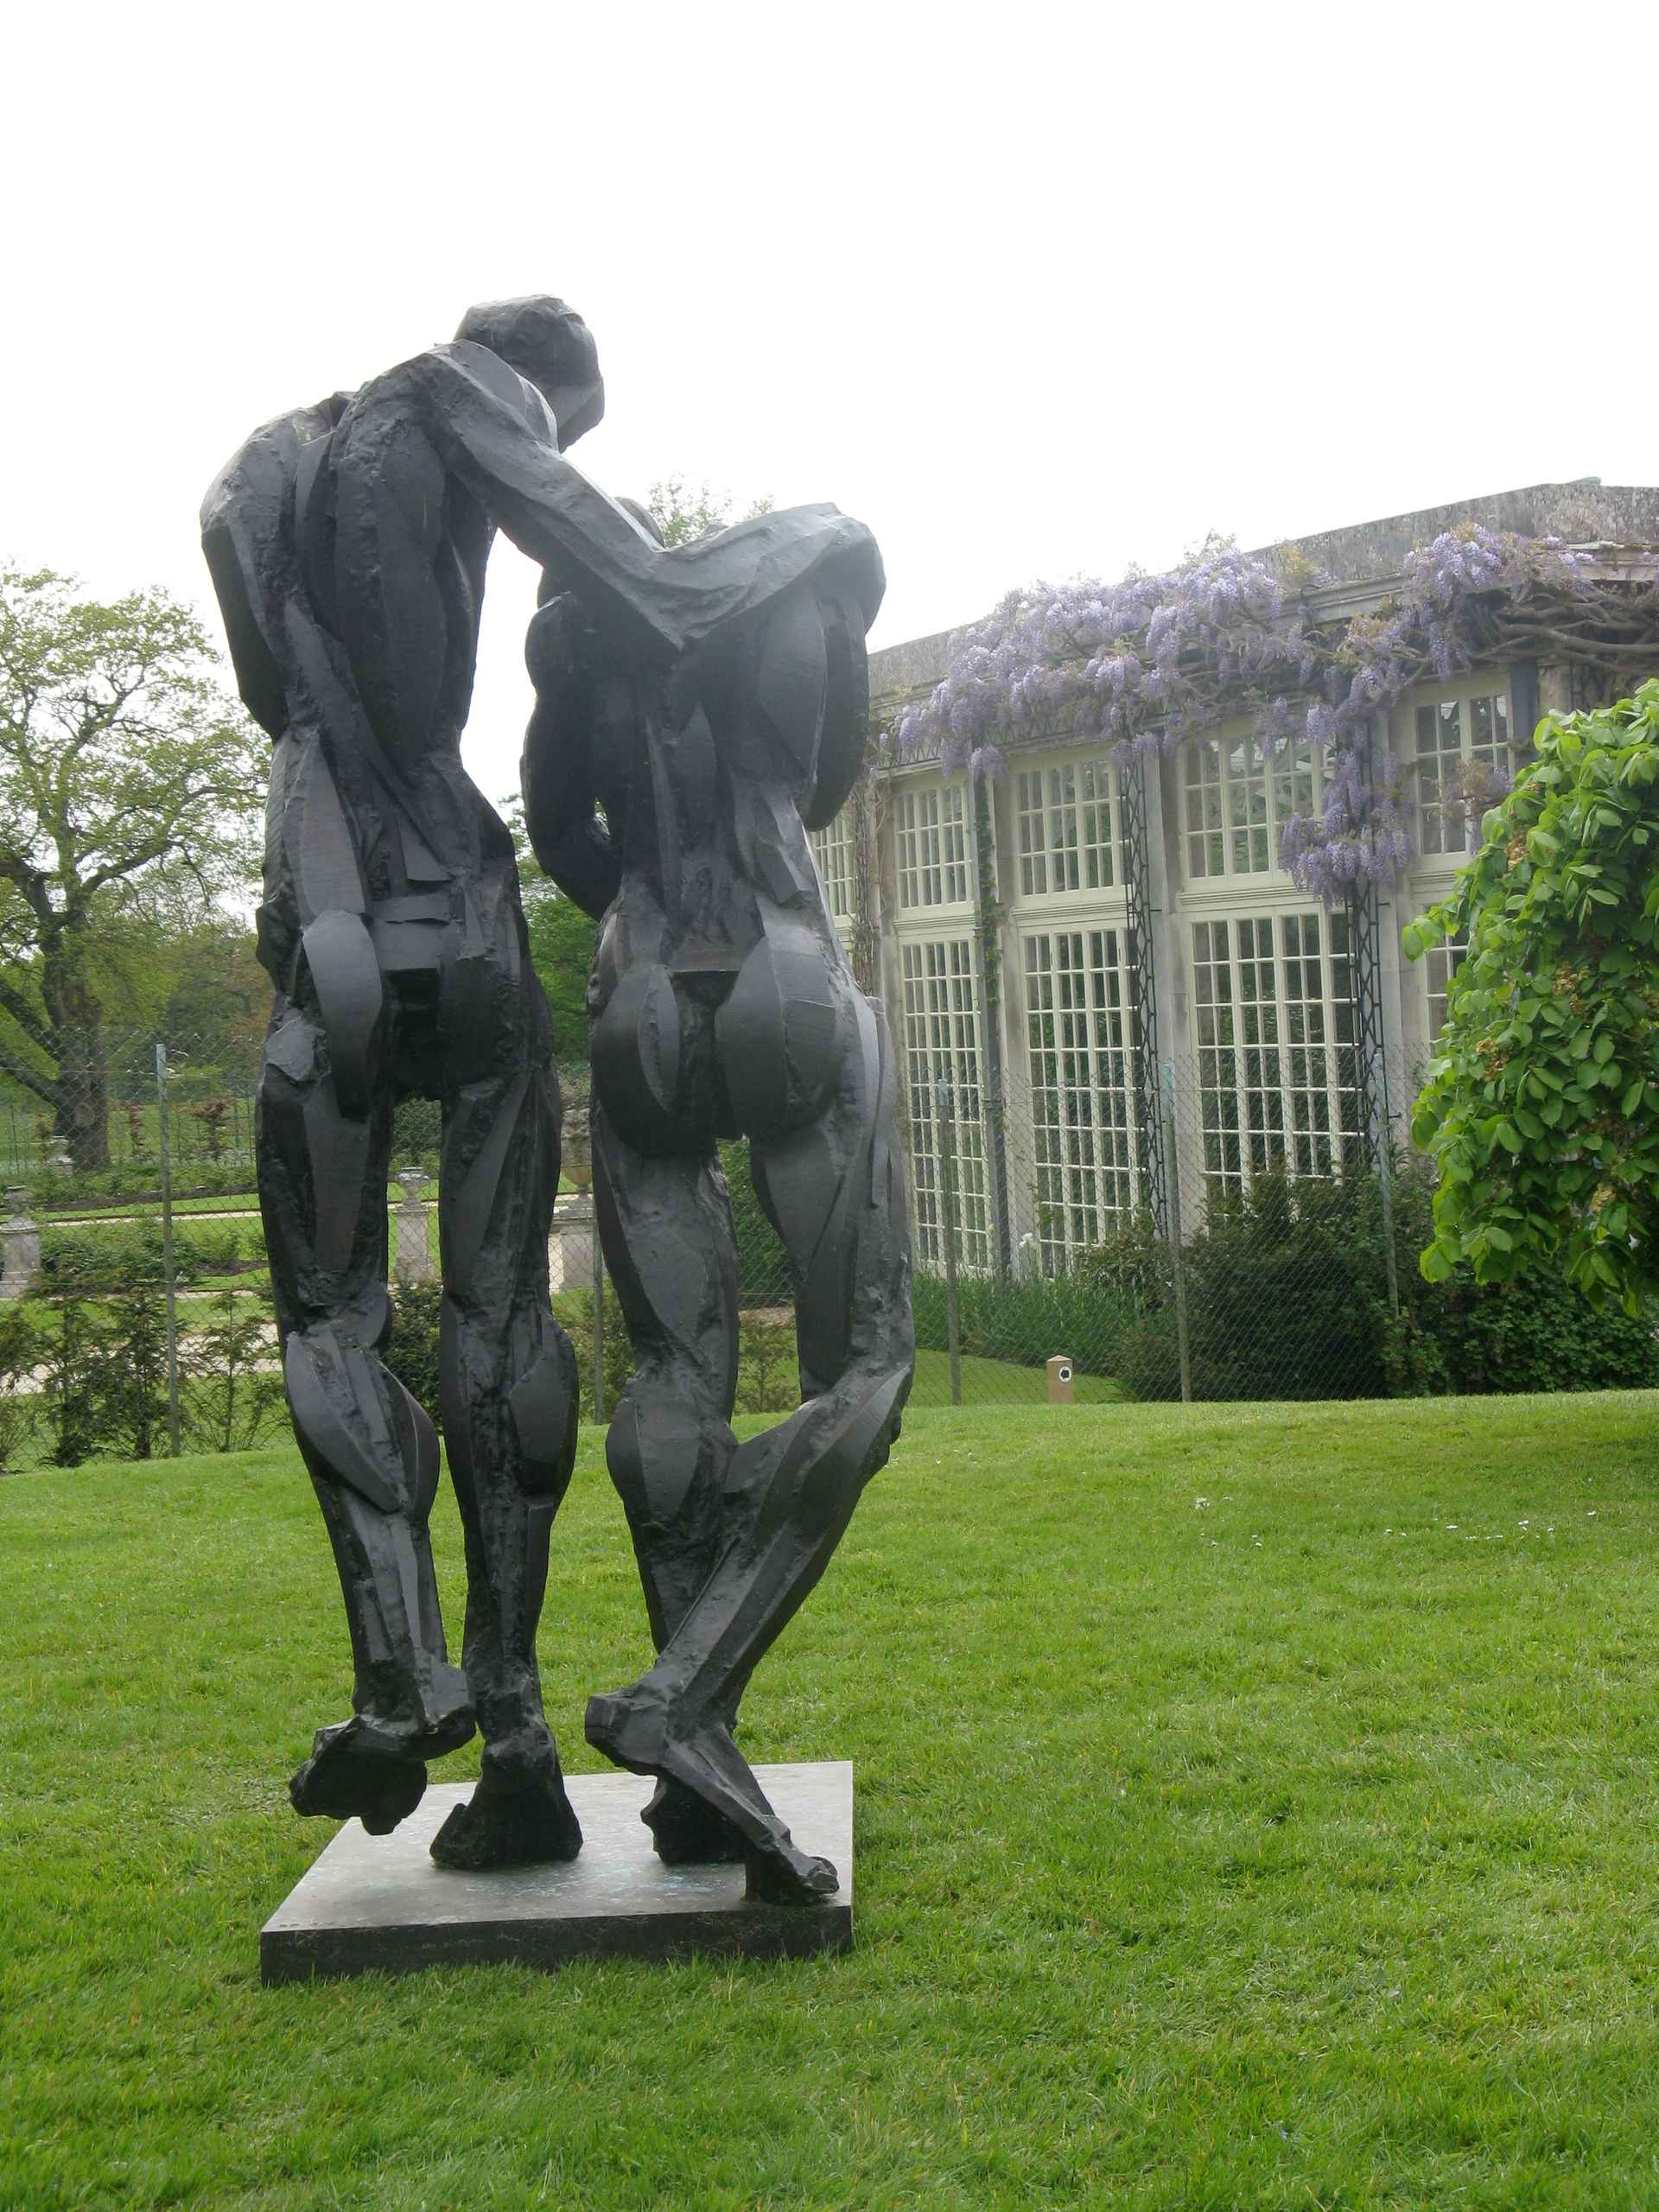 Adam & Eve by Sophie Dickens